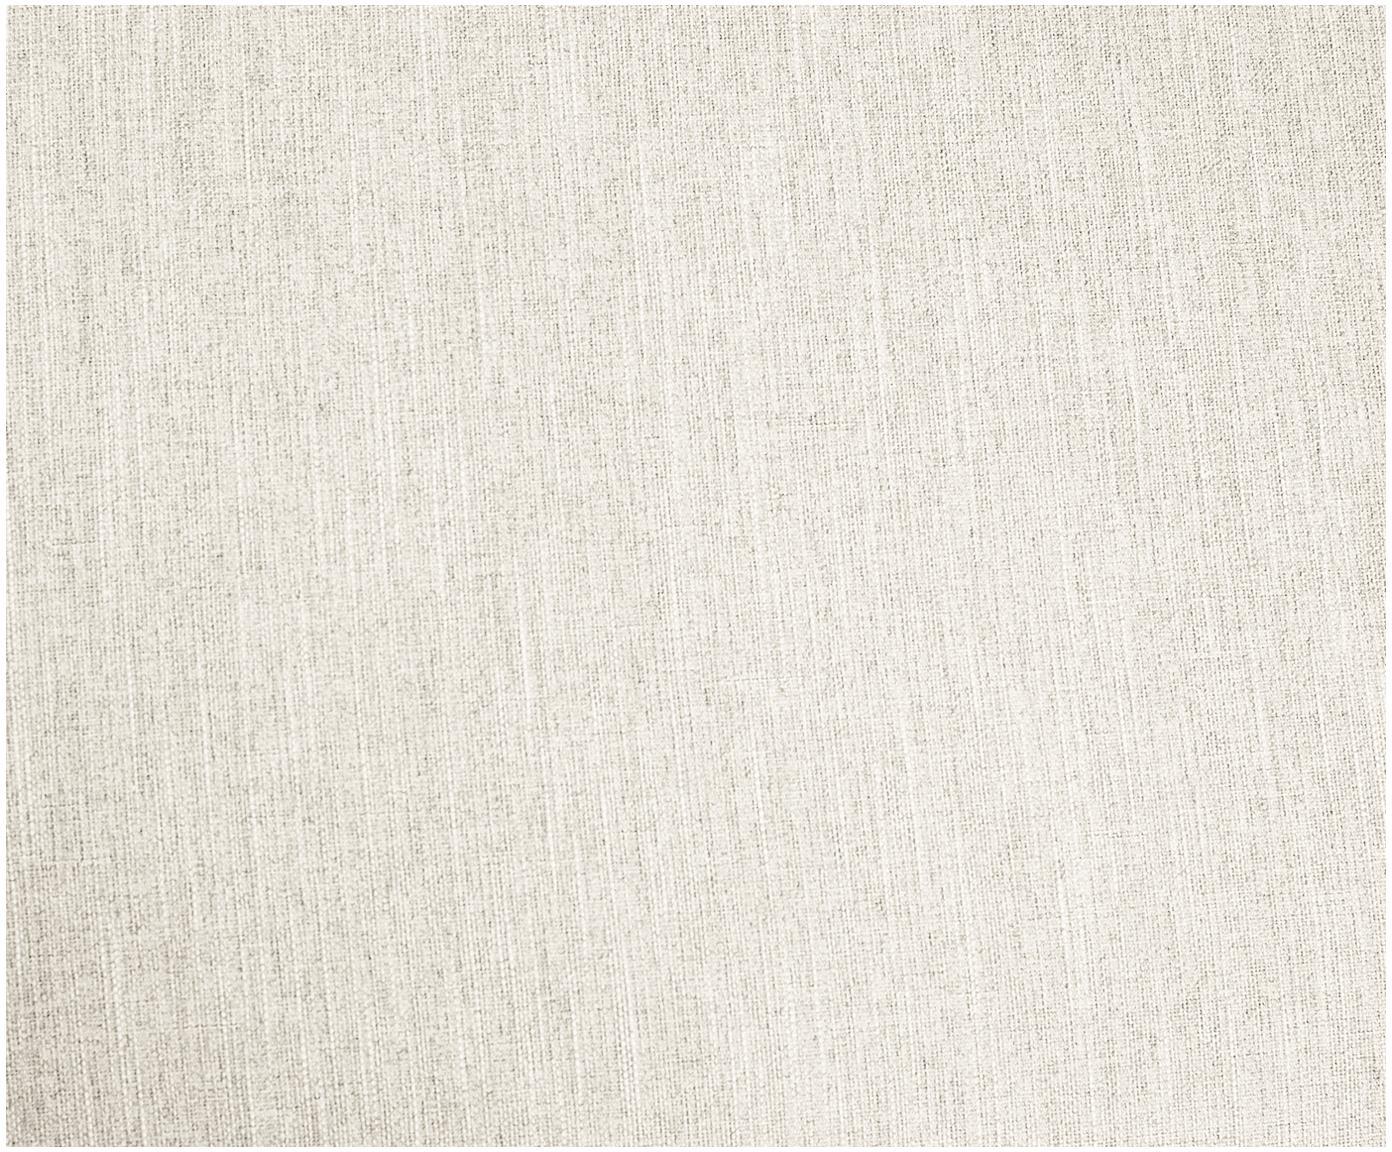 Divano 3 posti in tessuto beige Melva, Rivestimento: poliestere 35.000 cicli d, Struttura: legno di pino massiccio, , Piedini: legno di pino, Tessuto beige, Larg. 240 x Prof. 101 cm